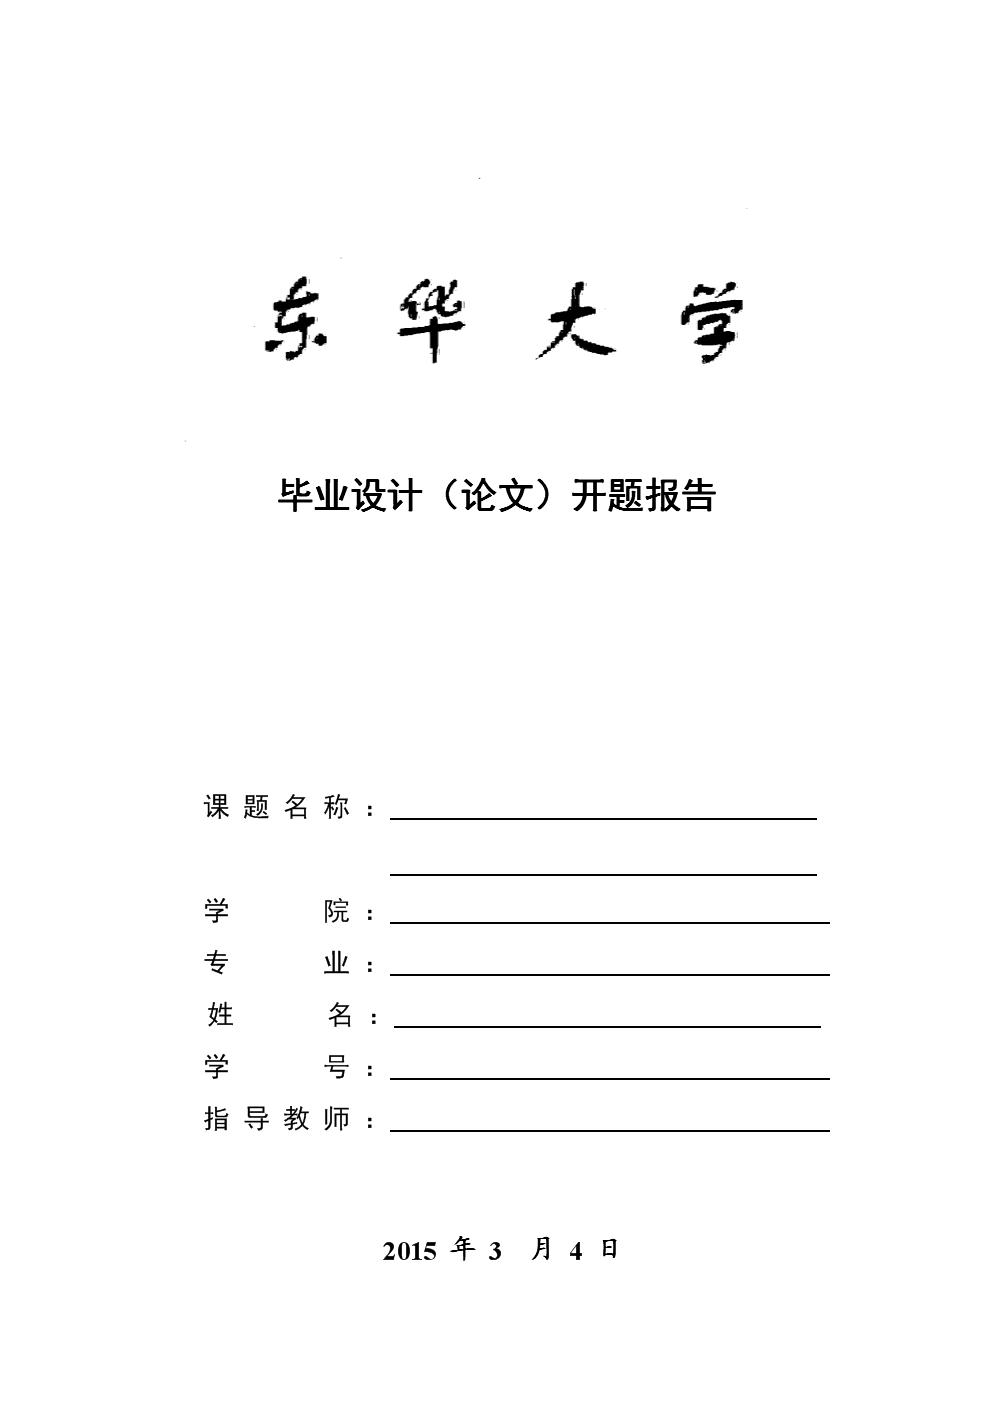 东华大学开题报告模板.doc